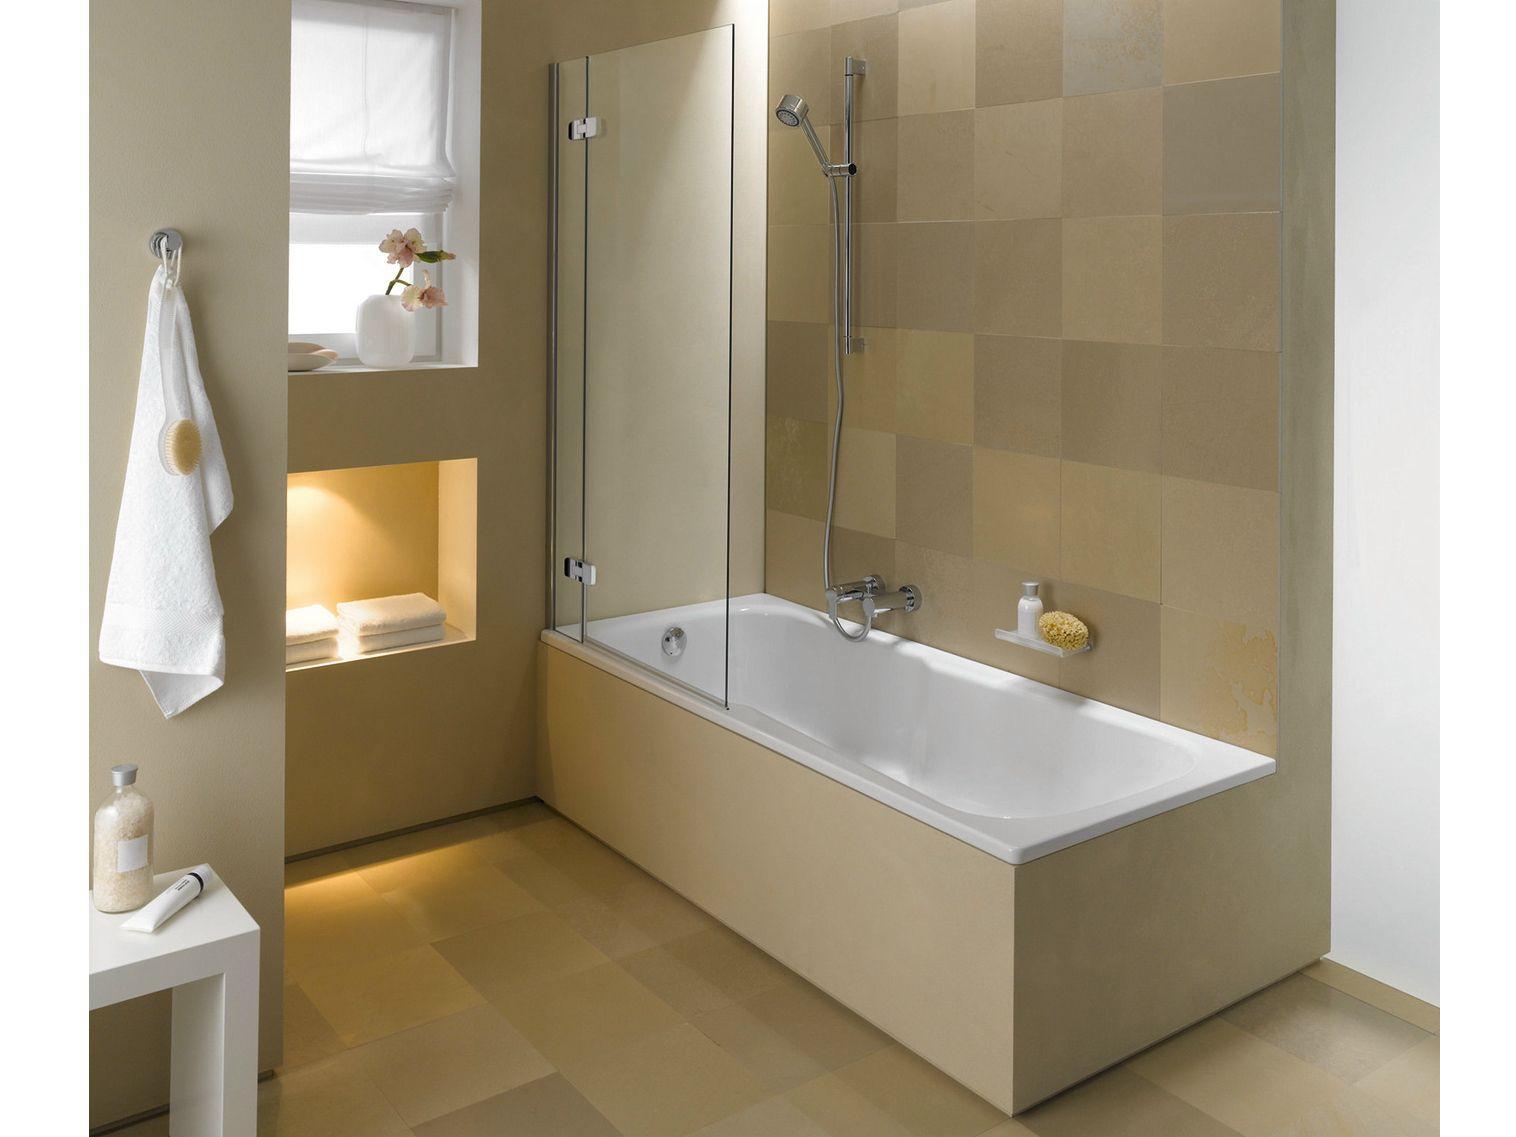 Vasca da bagno in acciaio smaltato con doccia betteset - Da vasca da bagno a doccia ...